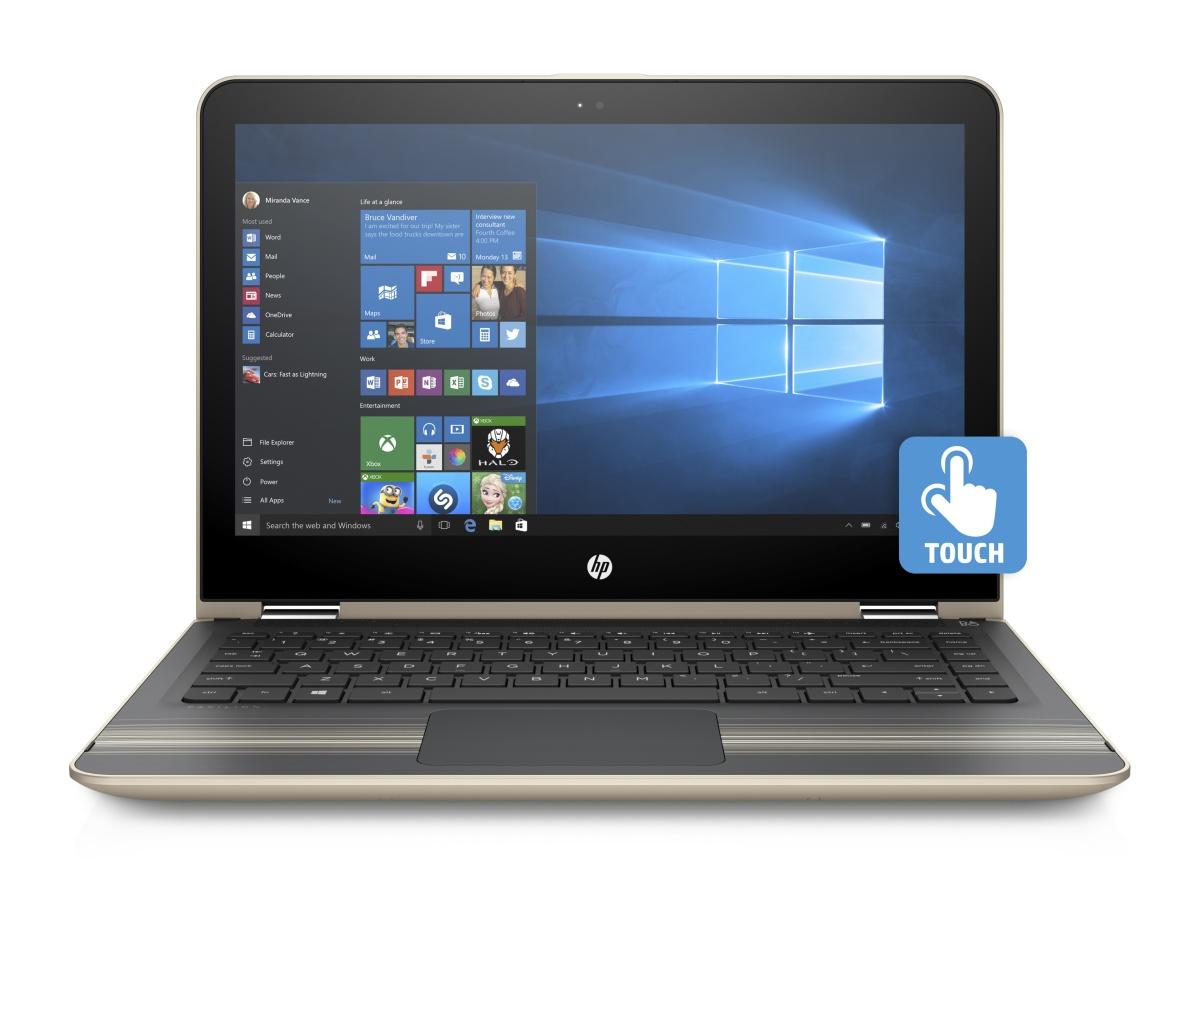 """HP Pavilion 13 x360 -u102nc/Intel i5-7200U/8GB/500GB SSHD/Intel HD 620/ 13,3"""" FHD/Win 10/zlatá"""